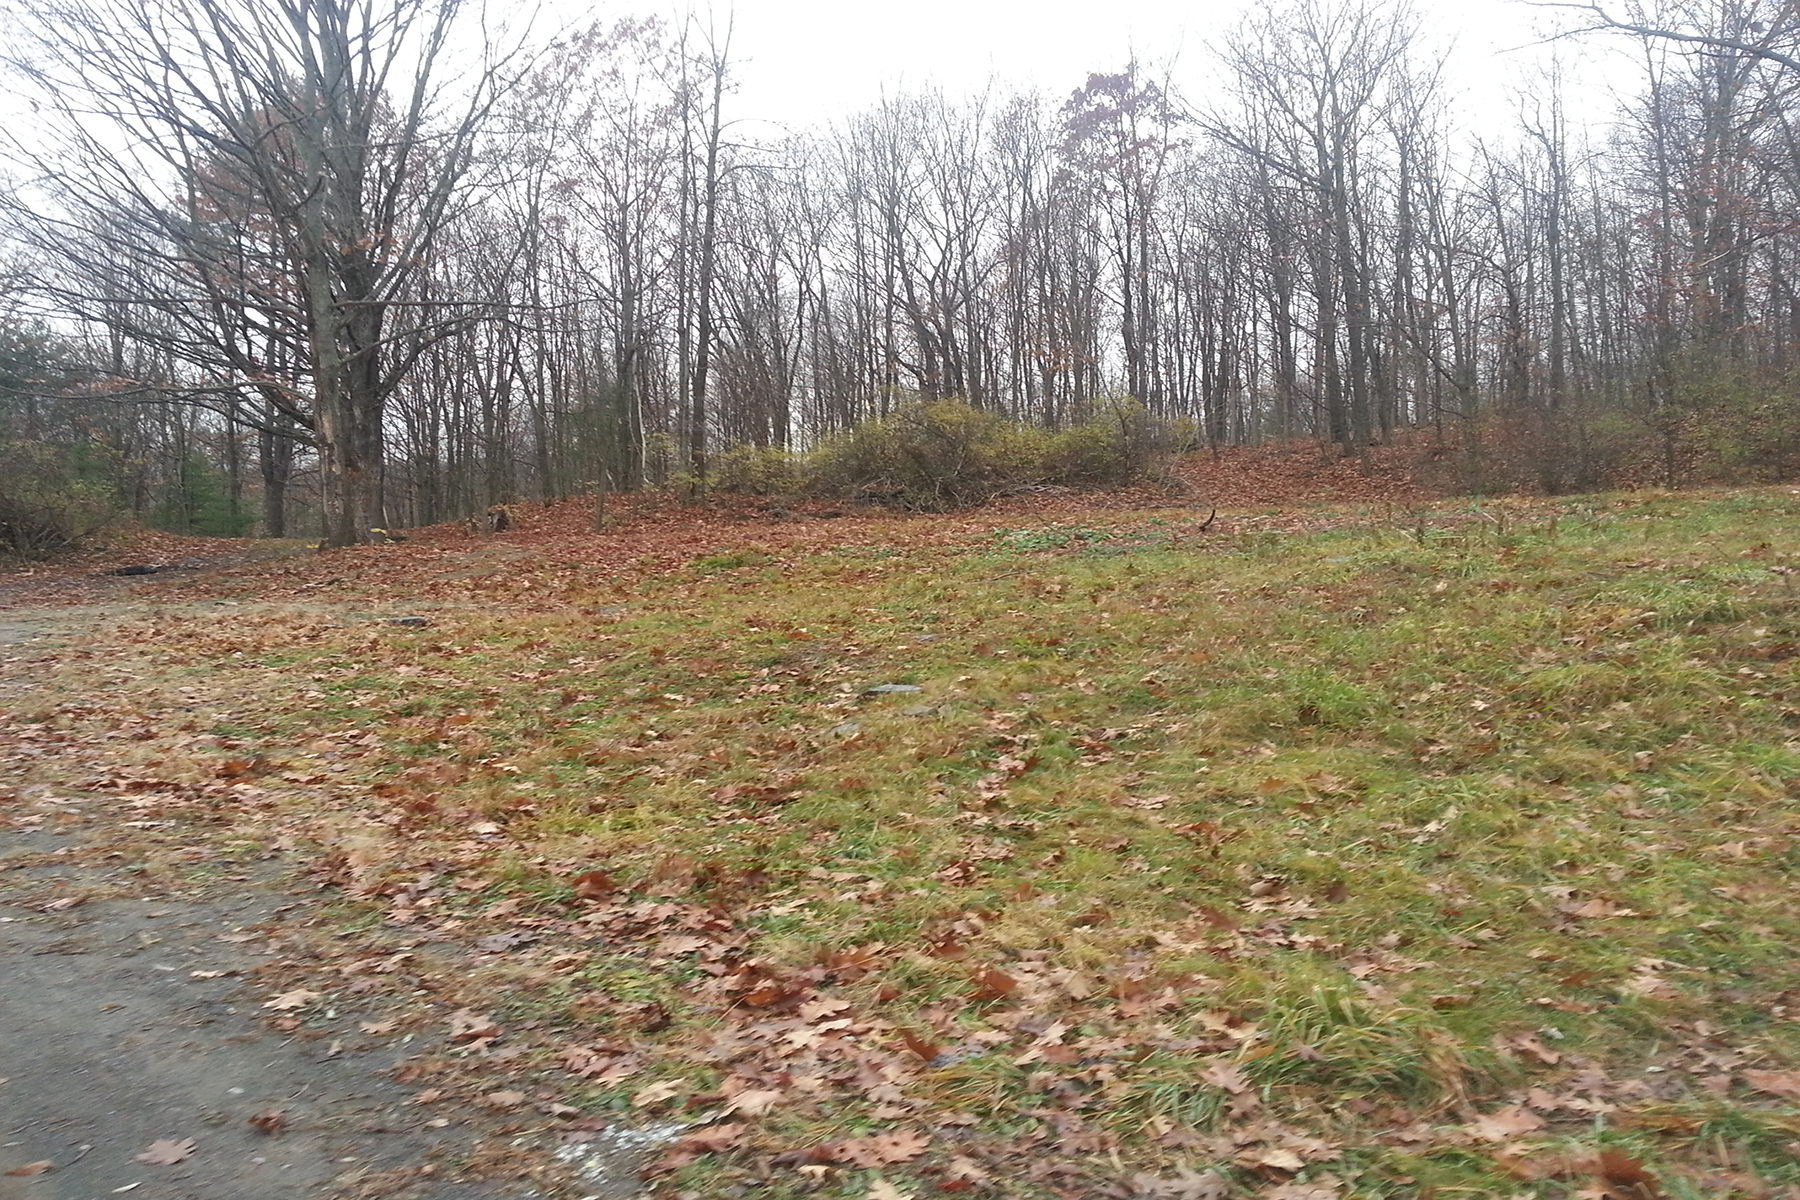 Đất đai vì Bán tại Building Lot 335 County Route 32 Schuylerville, New York 12871 Hoa Kỳ